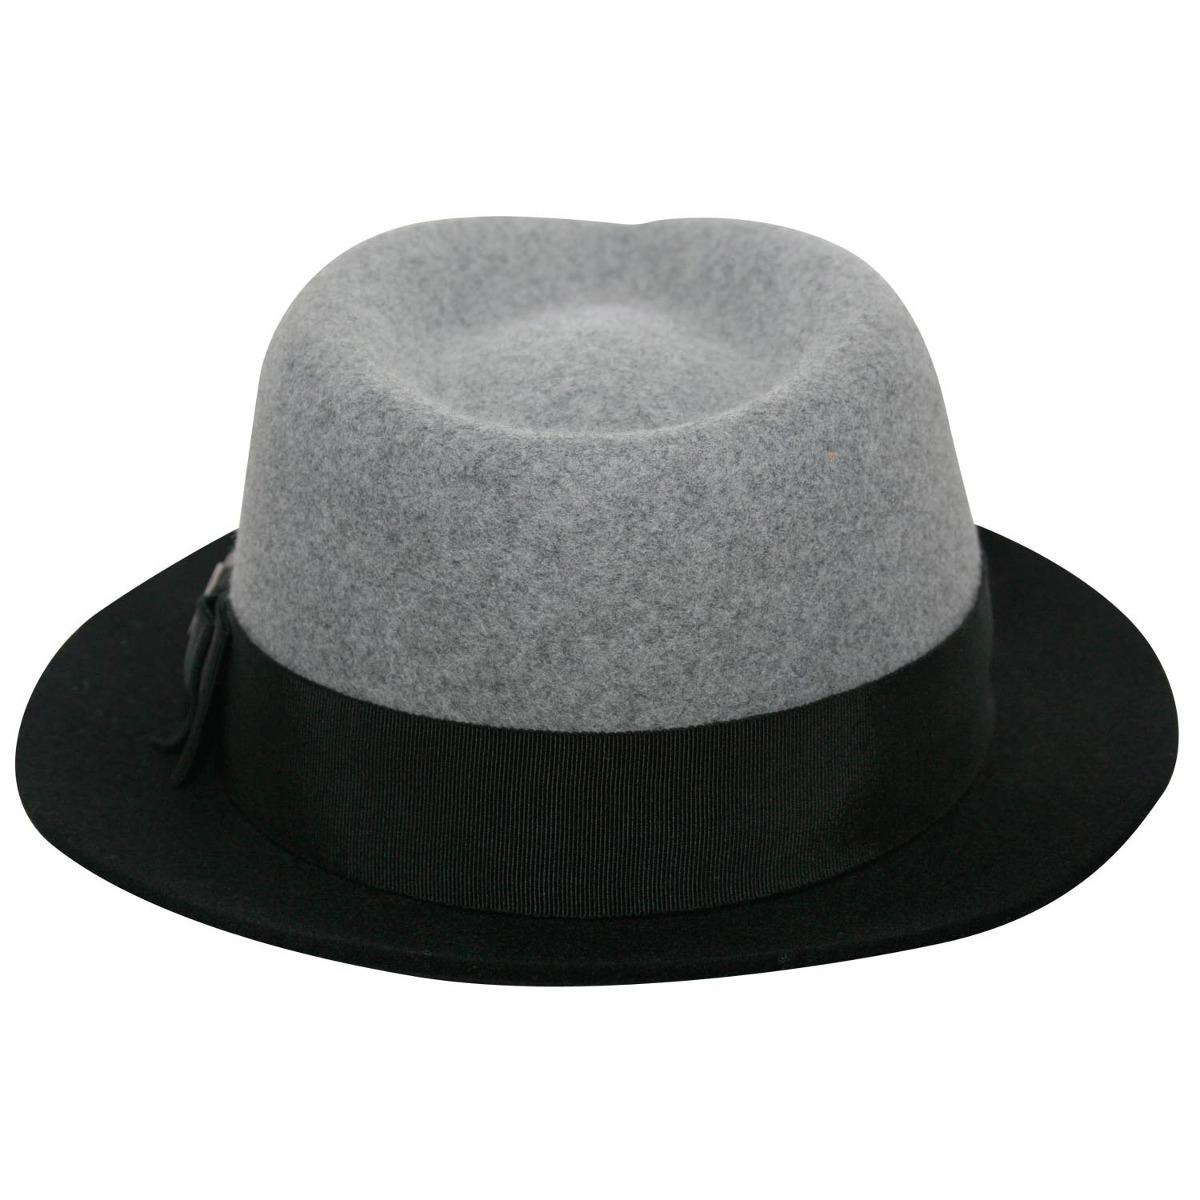 71ae0b198093a chapéu fedora feminino de feltro - cinza-tamanho 54. Carregando zoom.